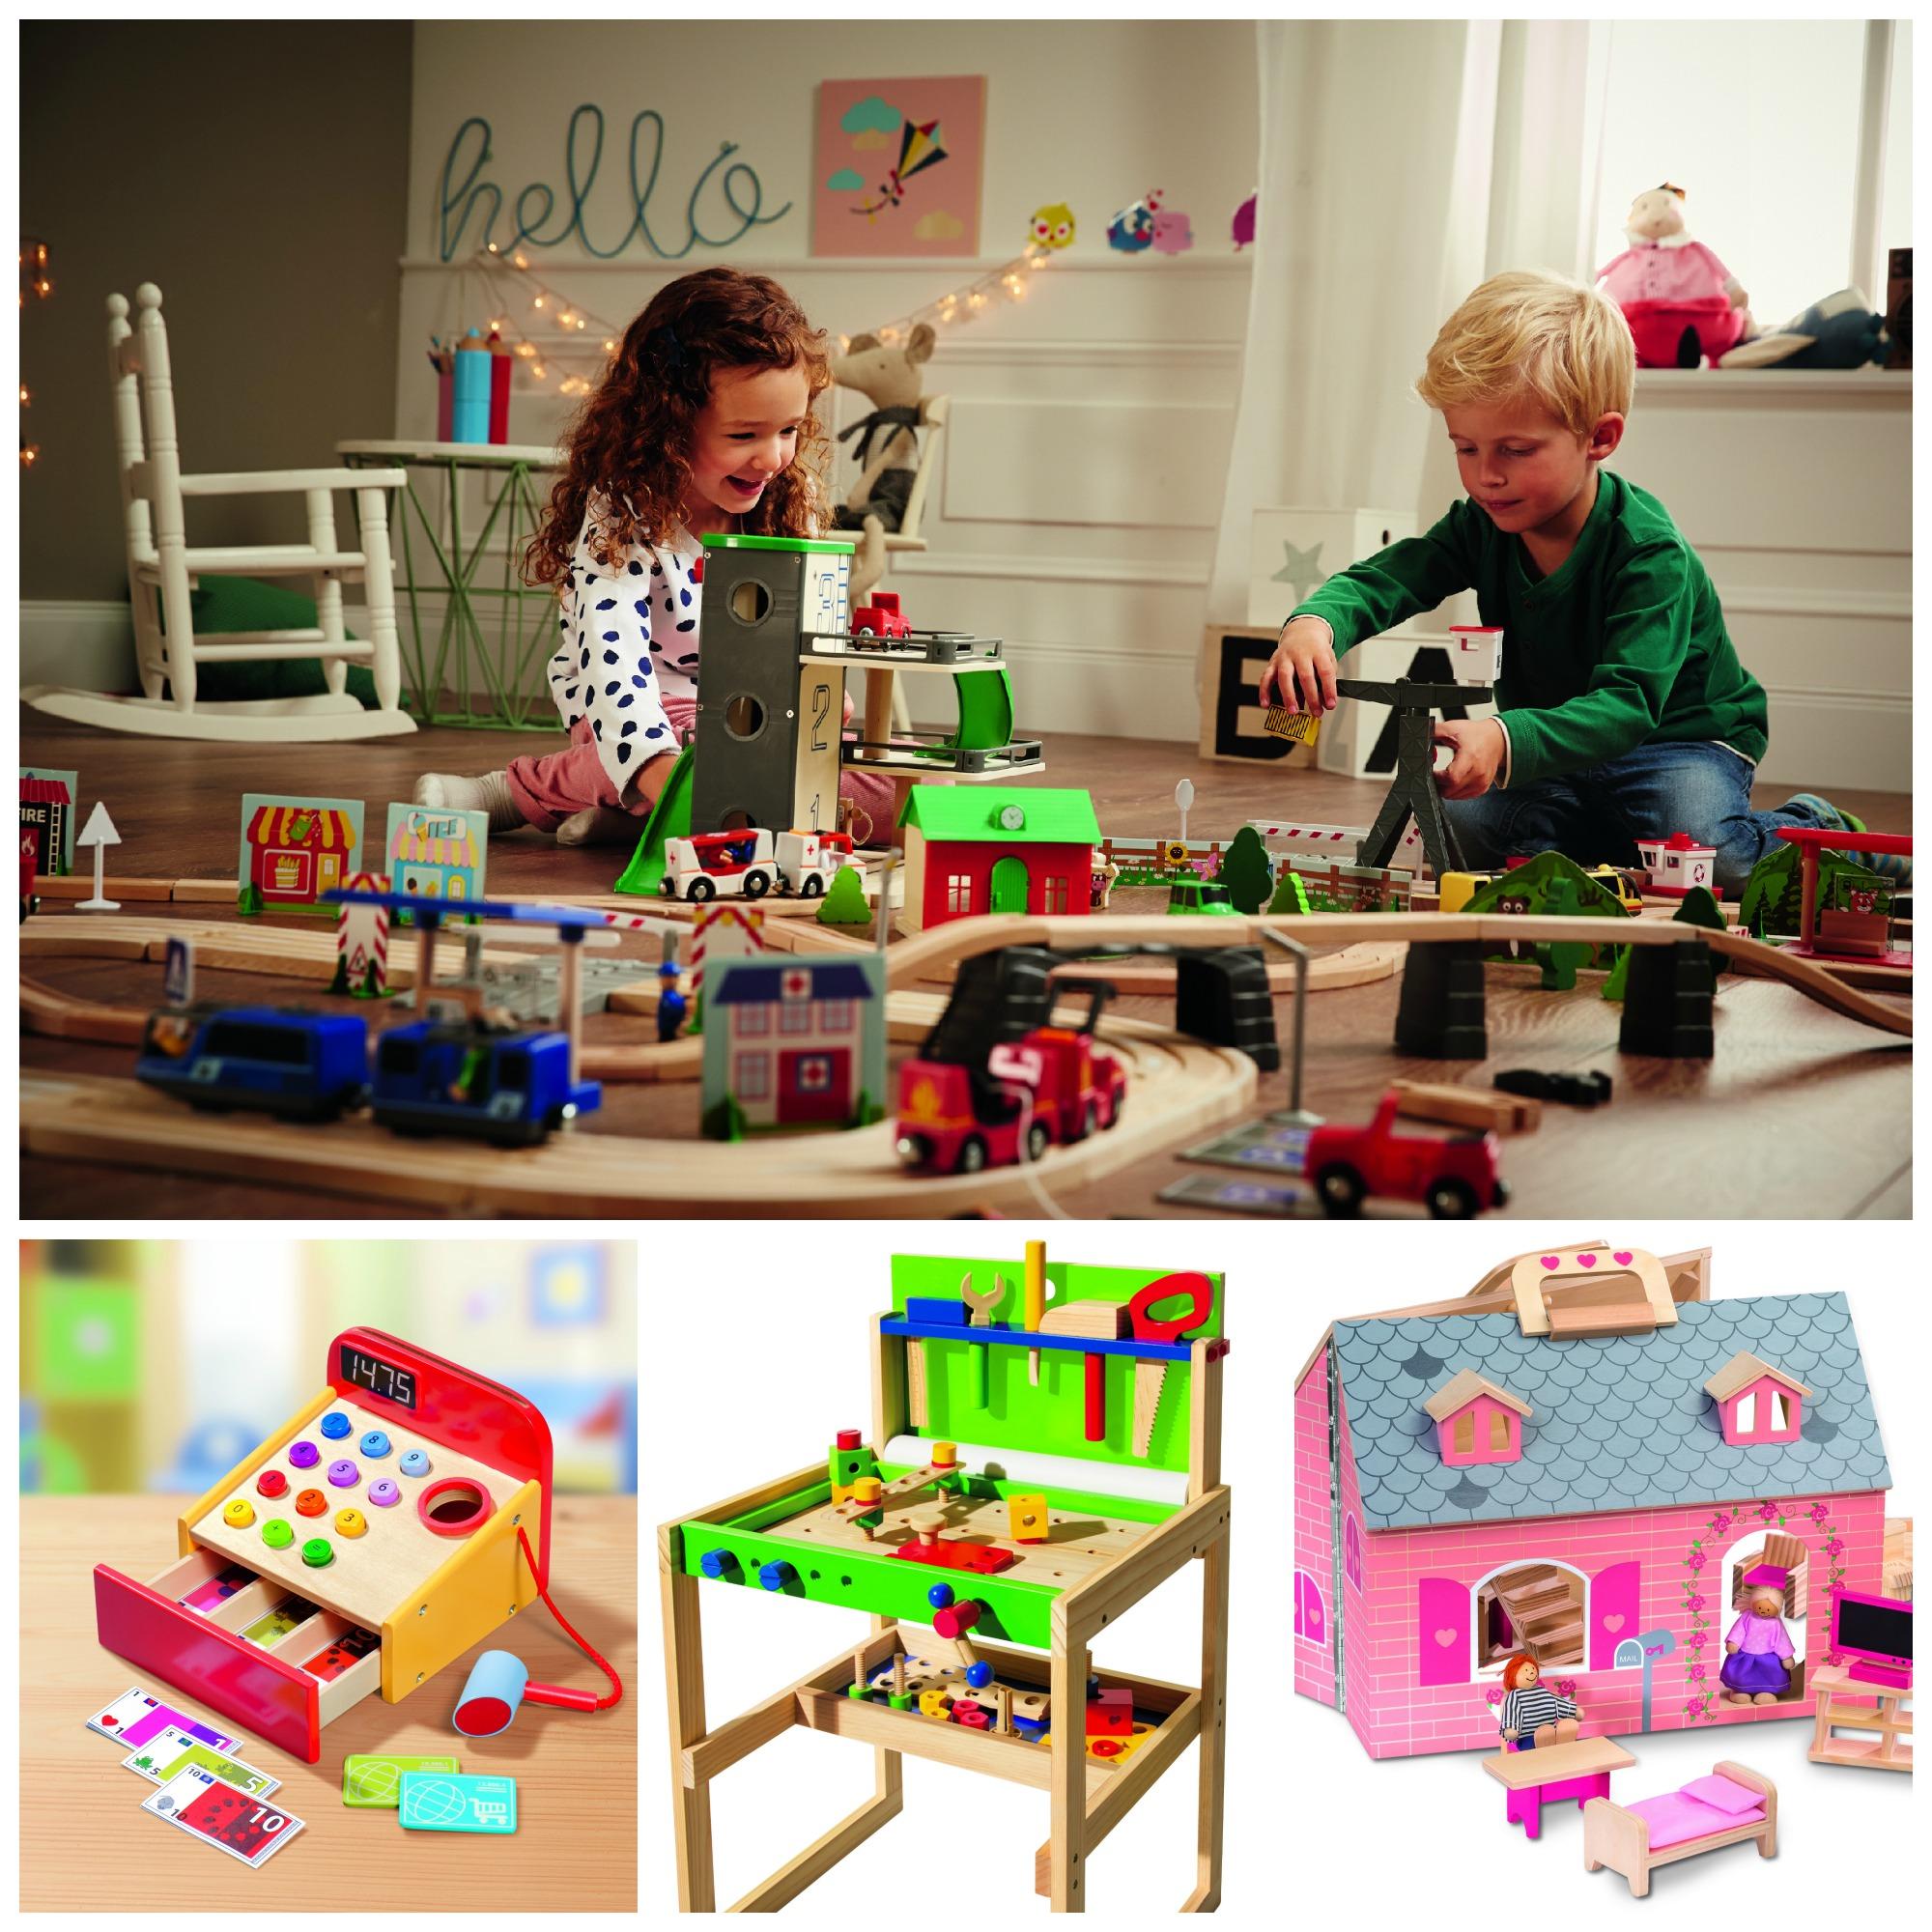 Les jolis jouets en bois lidl concours expressions d - Jouet en bois enfant ...